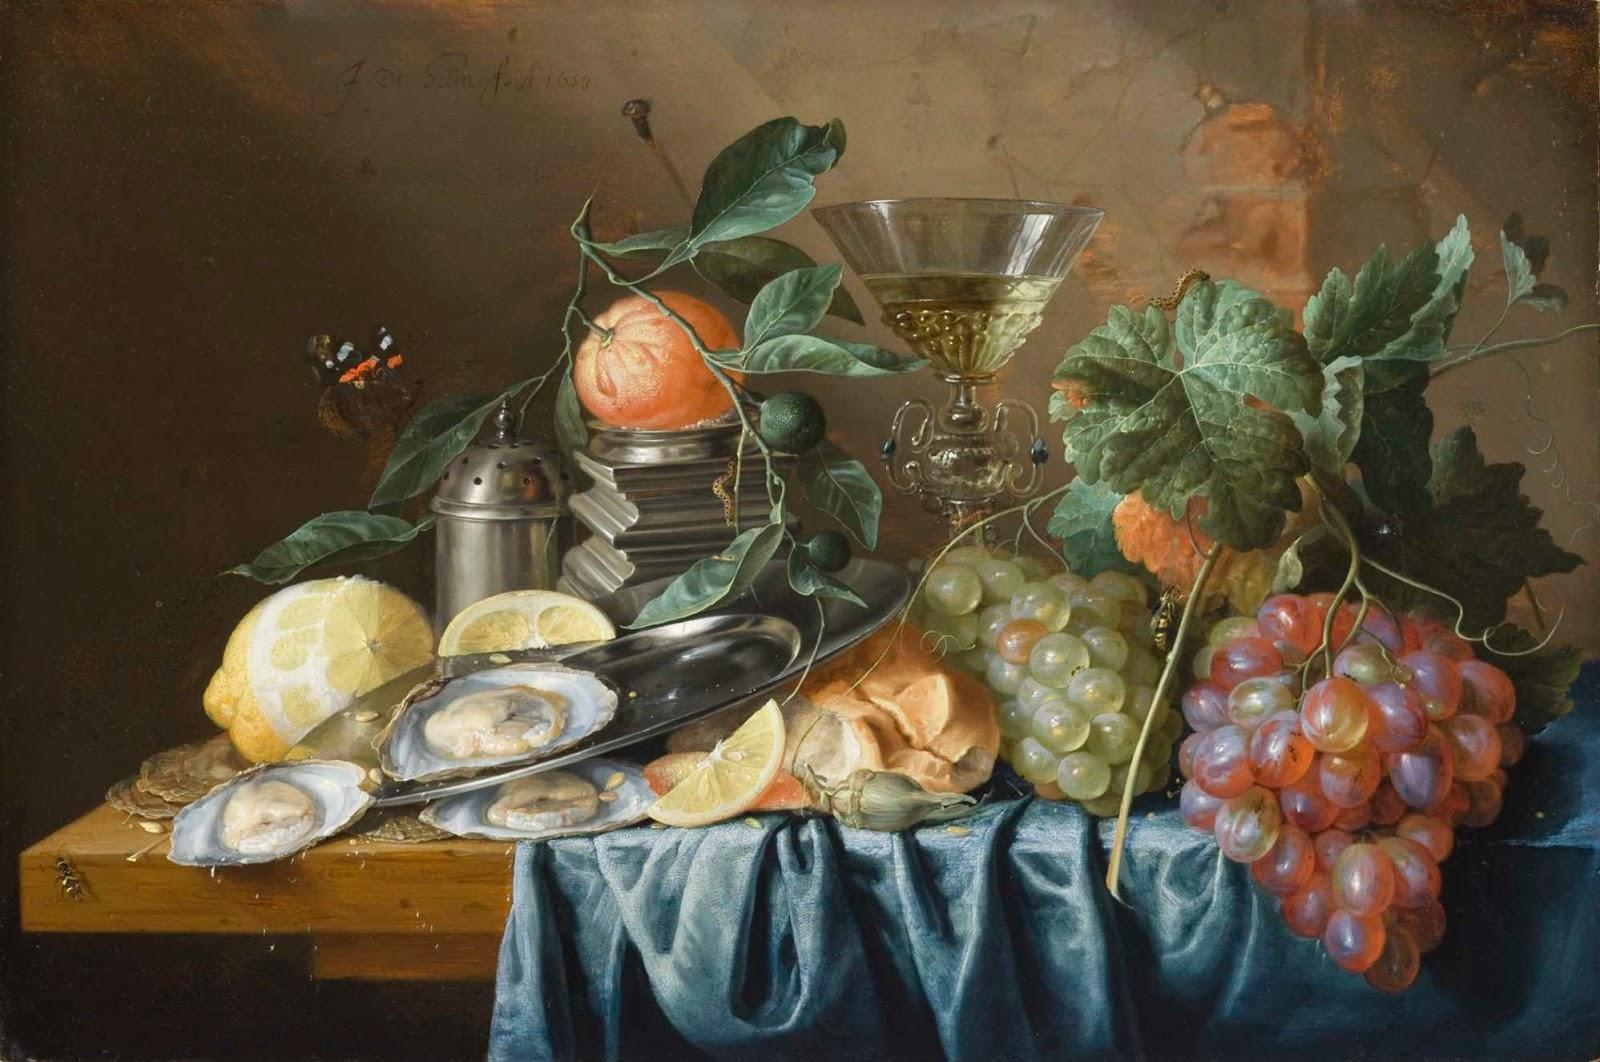 Come l'arte può rappresentare una svolta nella storia della coltivazione delle piante